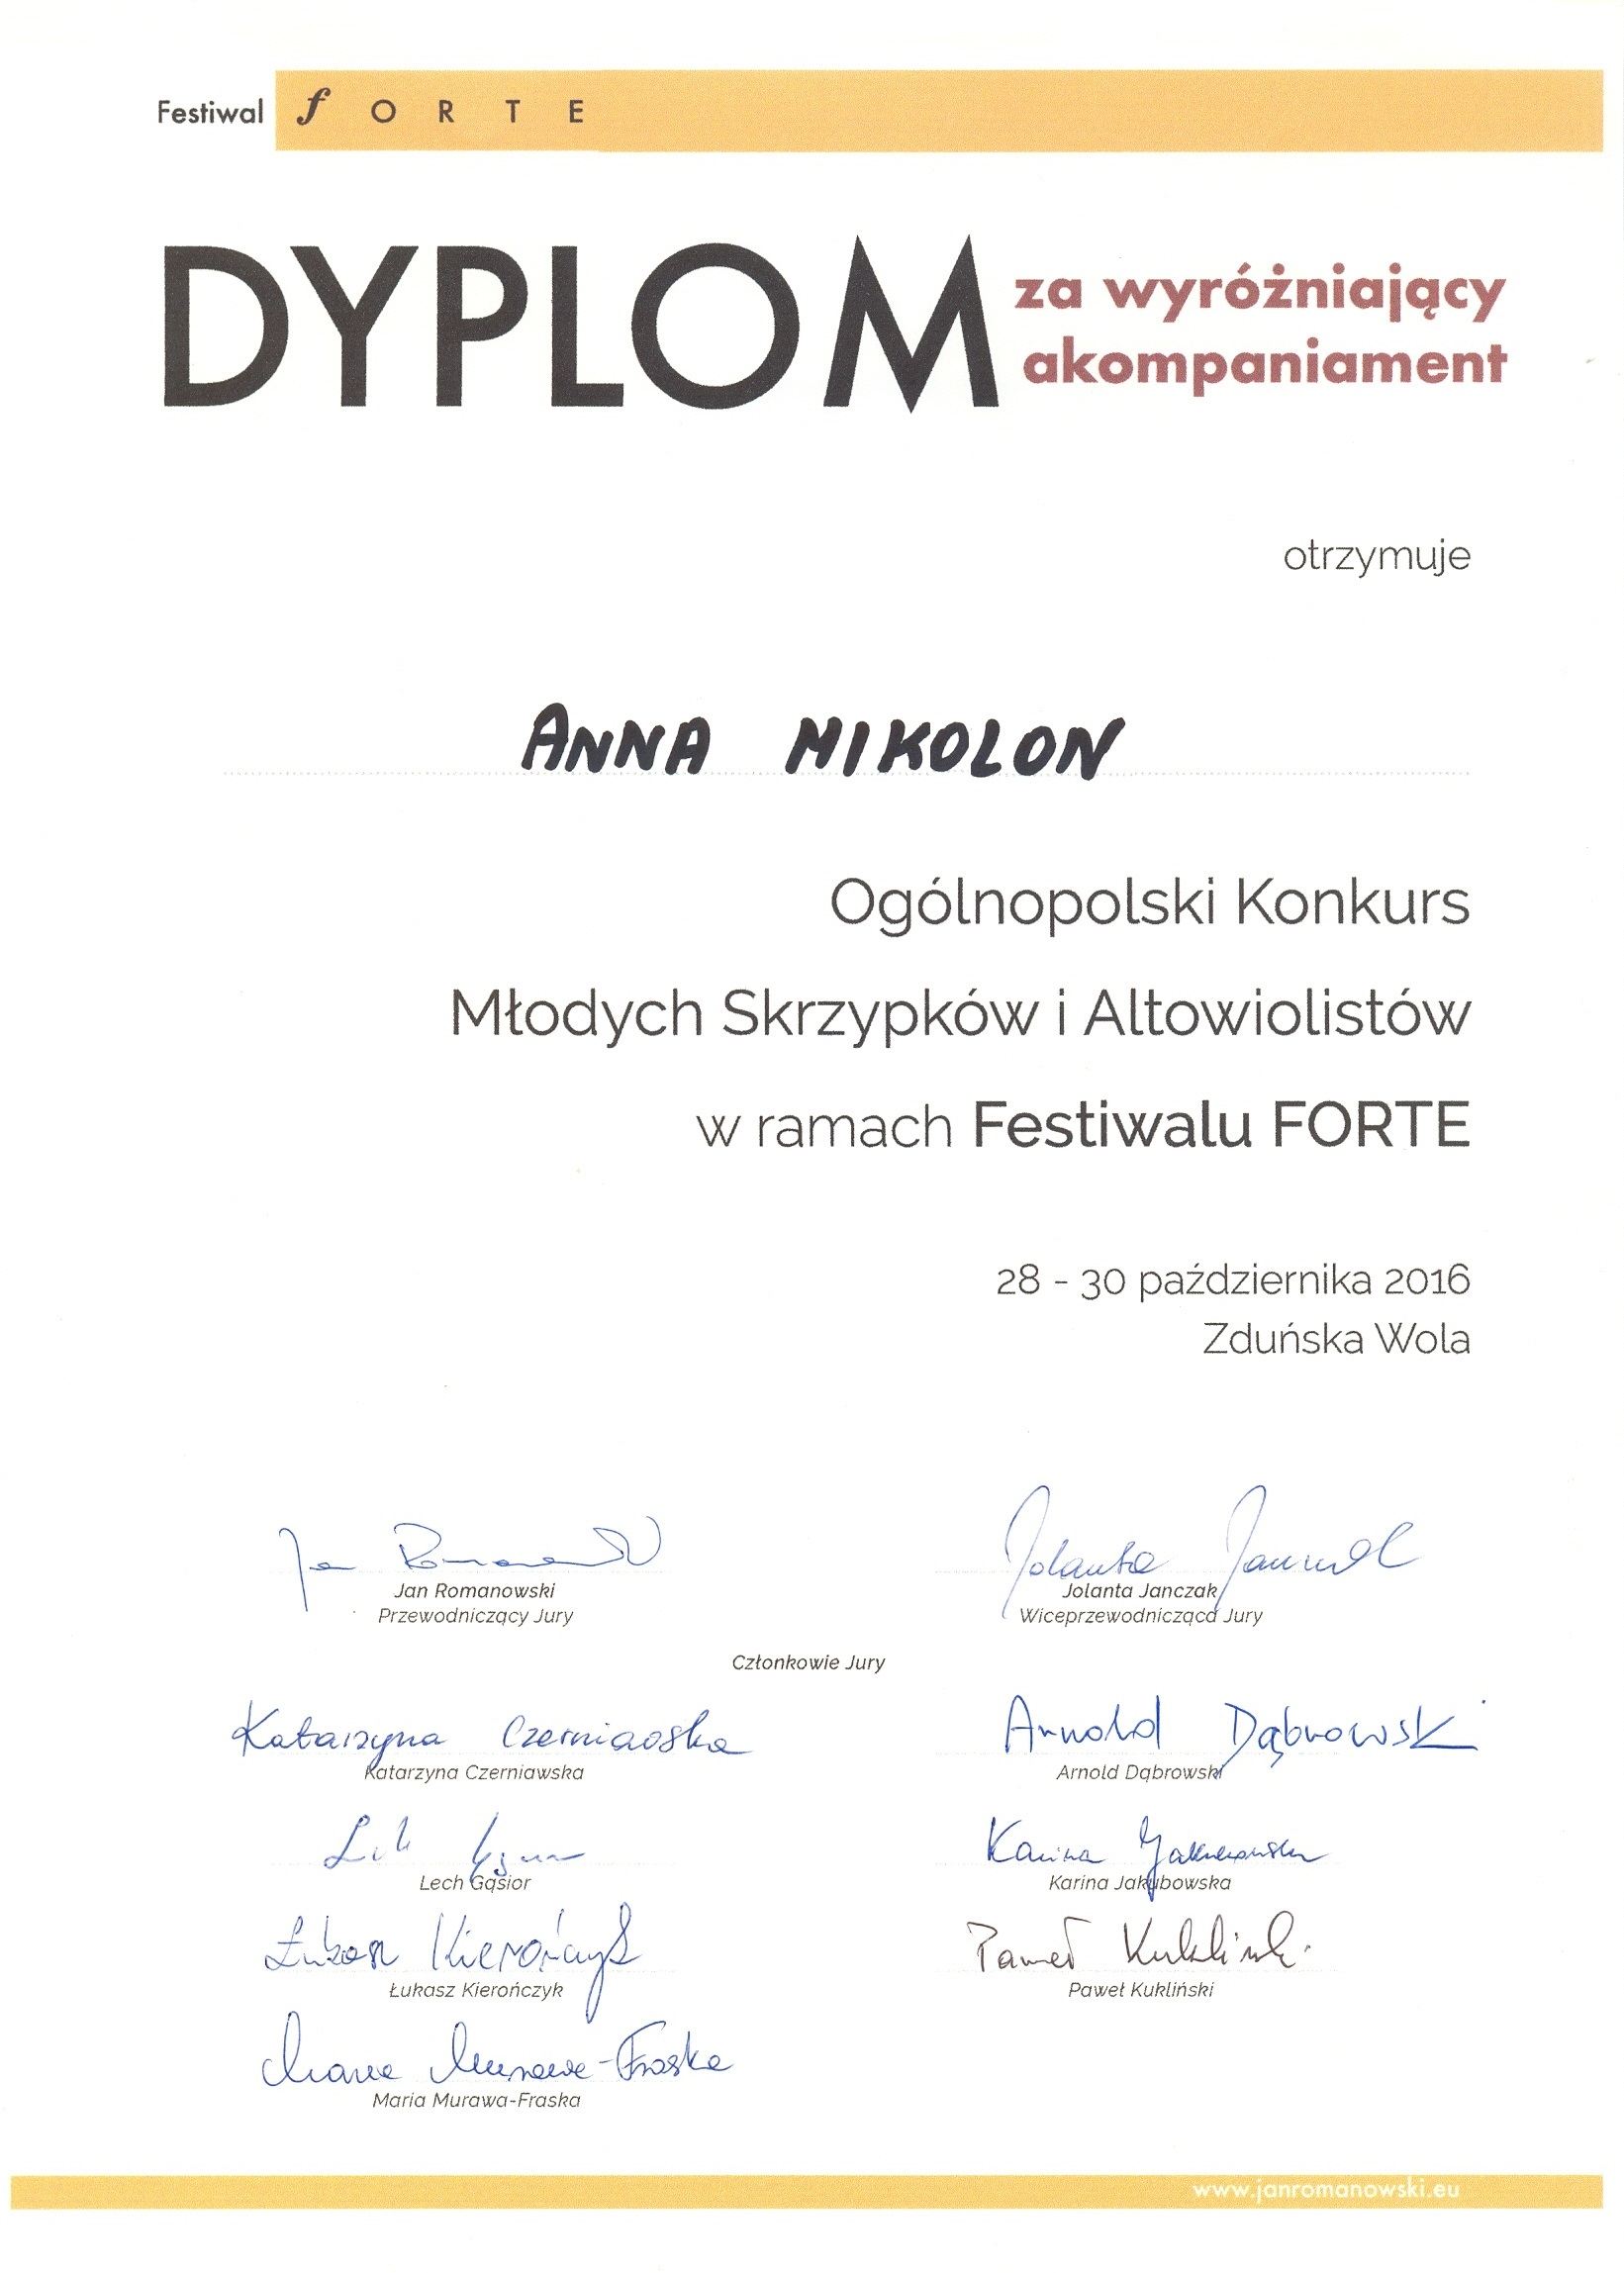 anna_mikolon_wyr_fort_zdunska_wola_2016